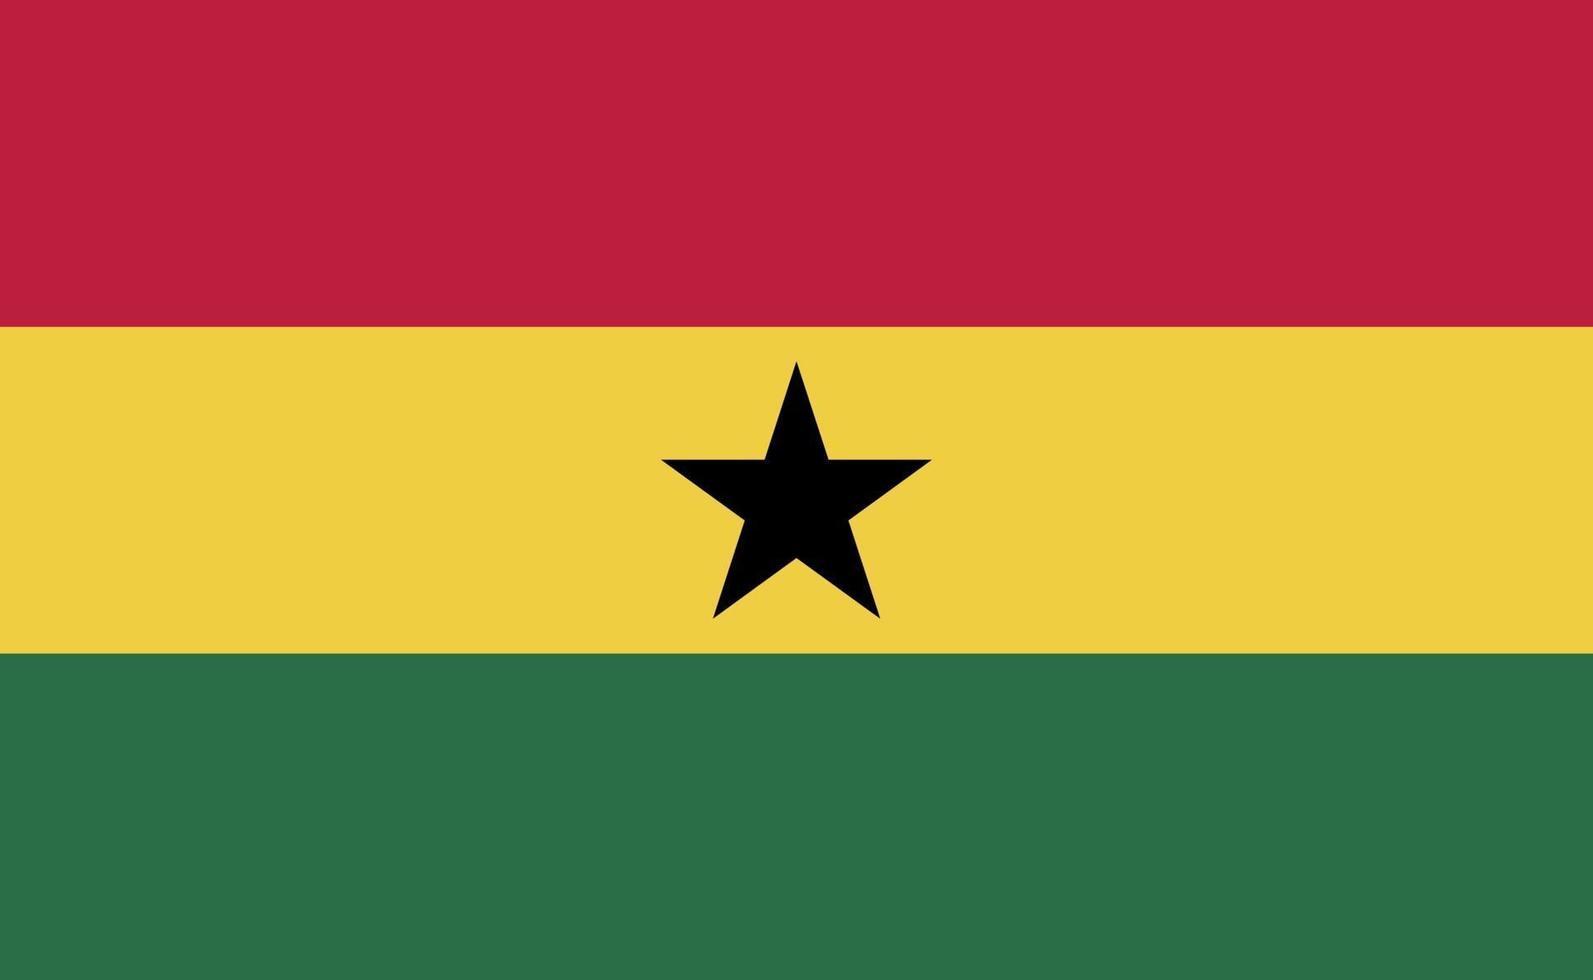 Ghana nationella flagga i exakta proportioner - vektorillustration vektor